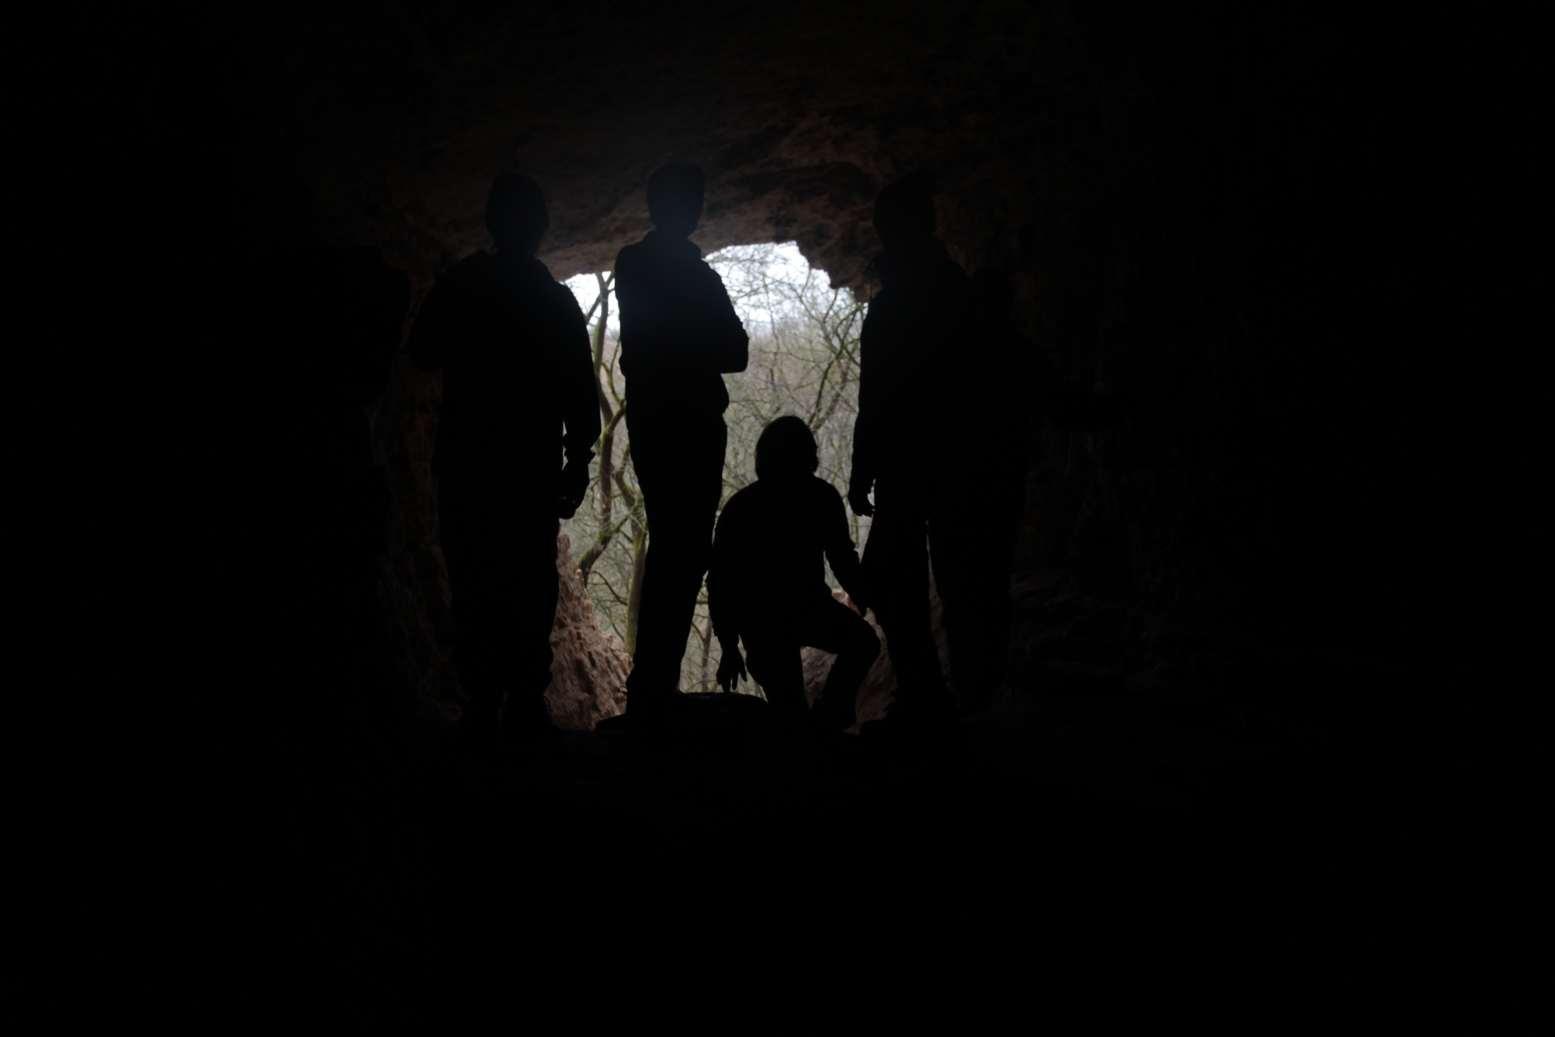 A užje tady taky, siluetka našich mladých jeskyňářů